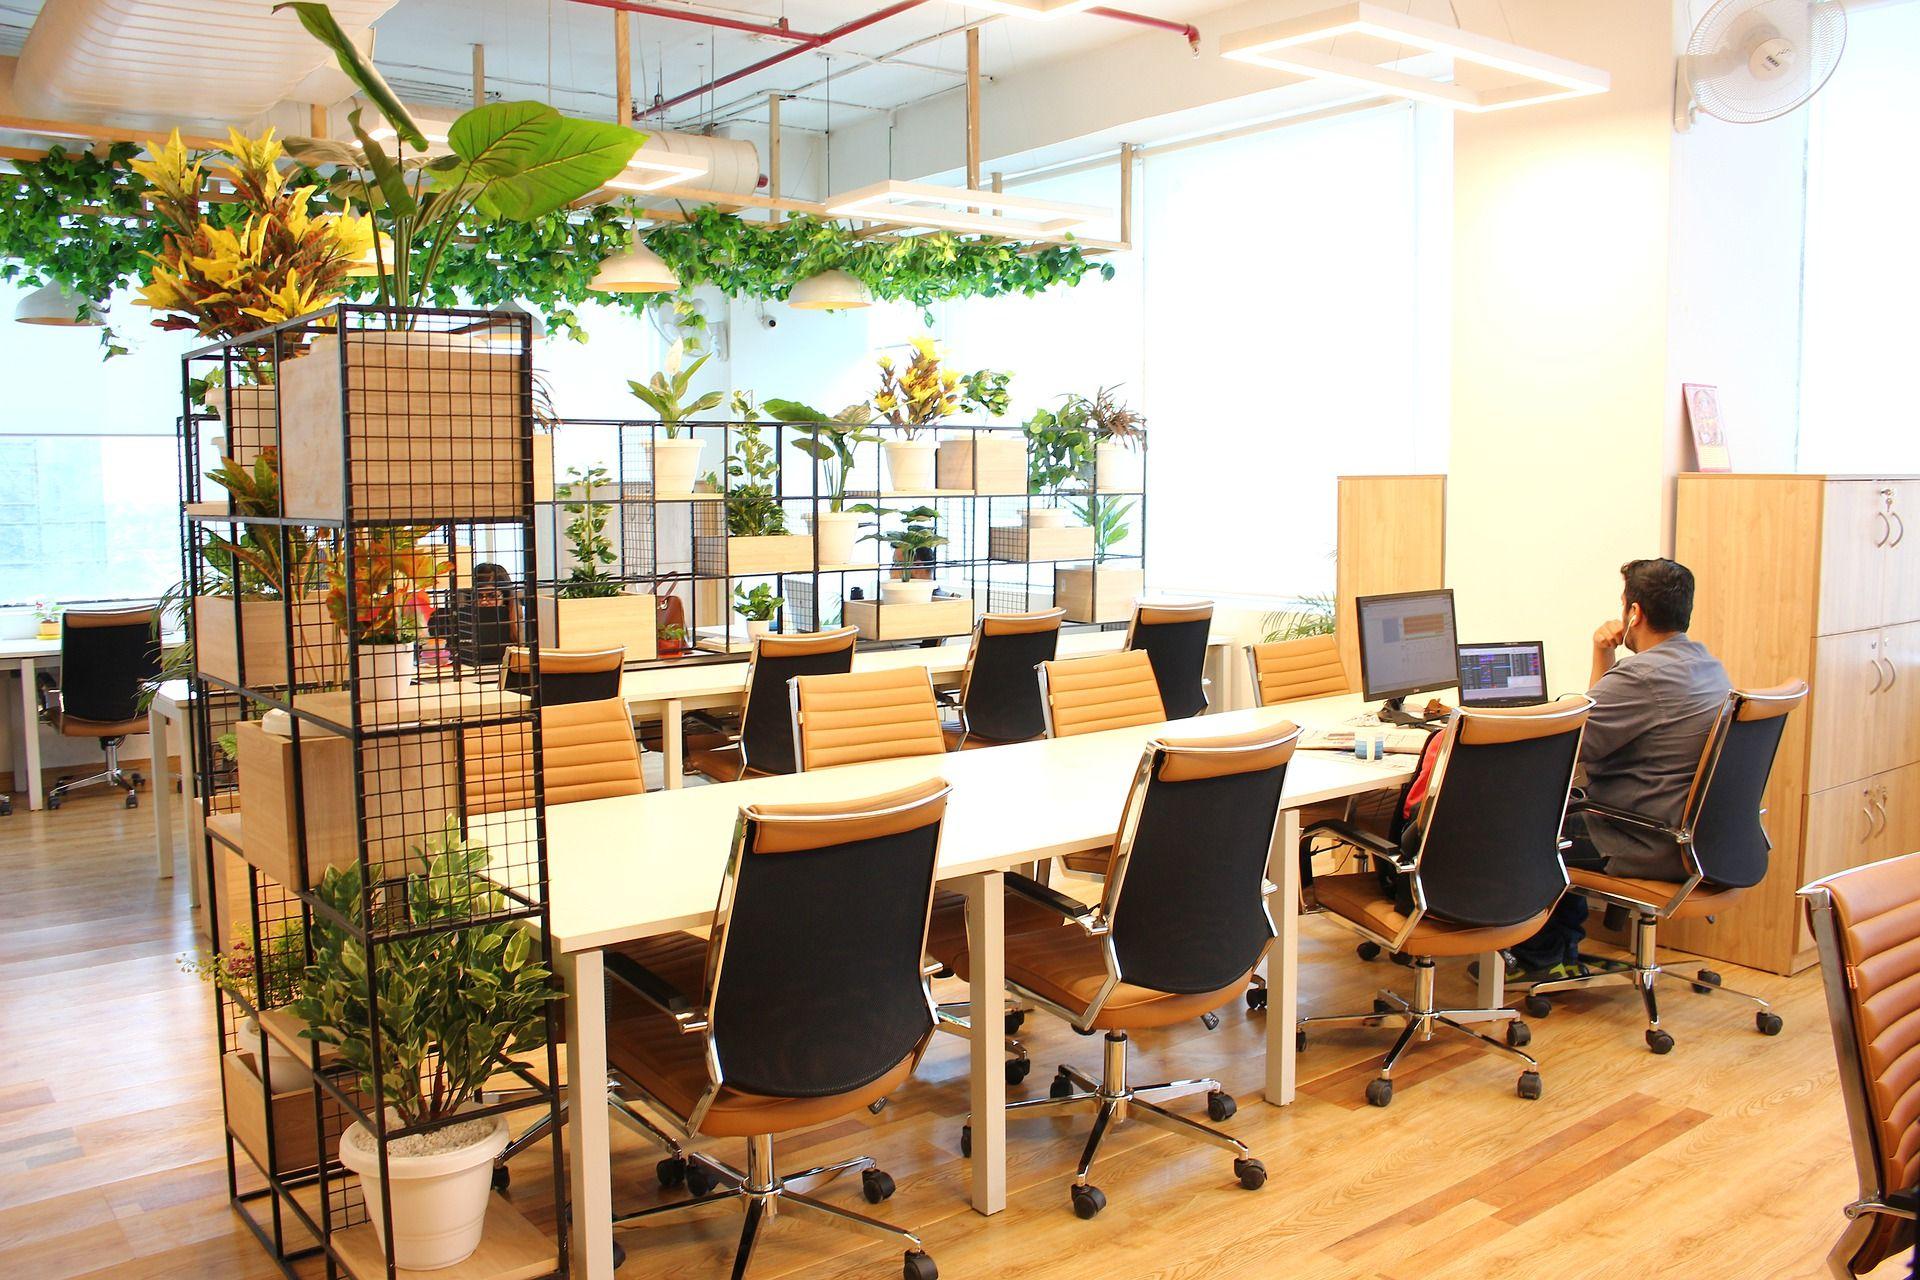 Las ventajas del alquiler de oficinas en centros de trabajo, según SC Trade Center